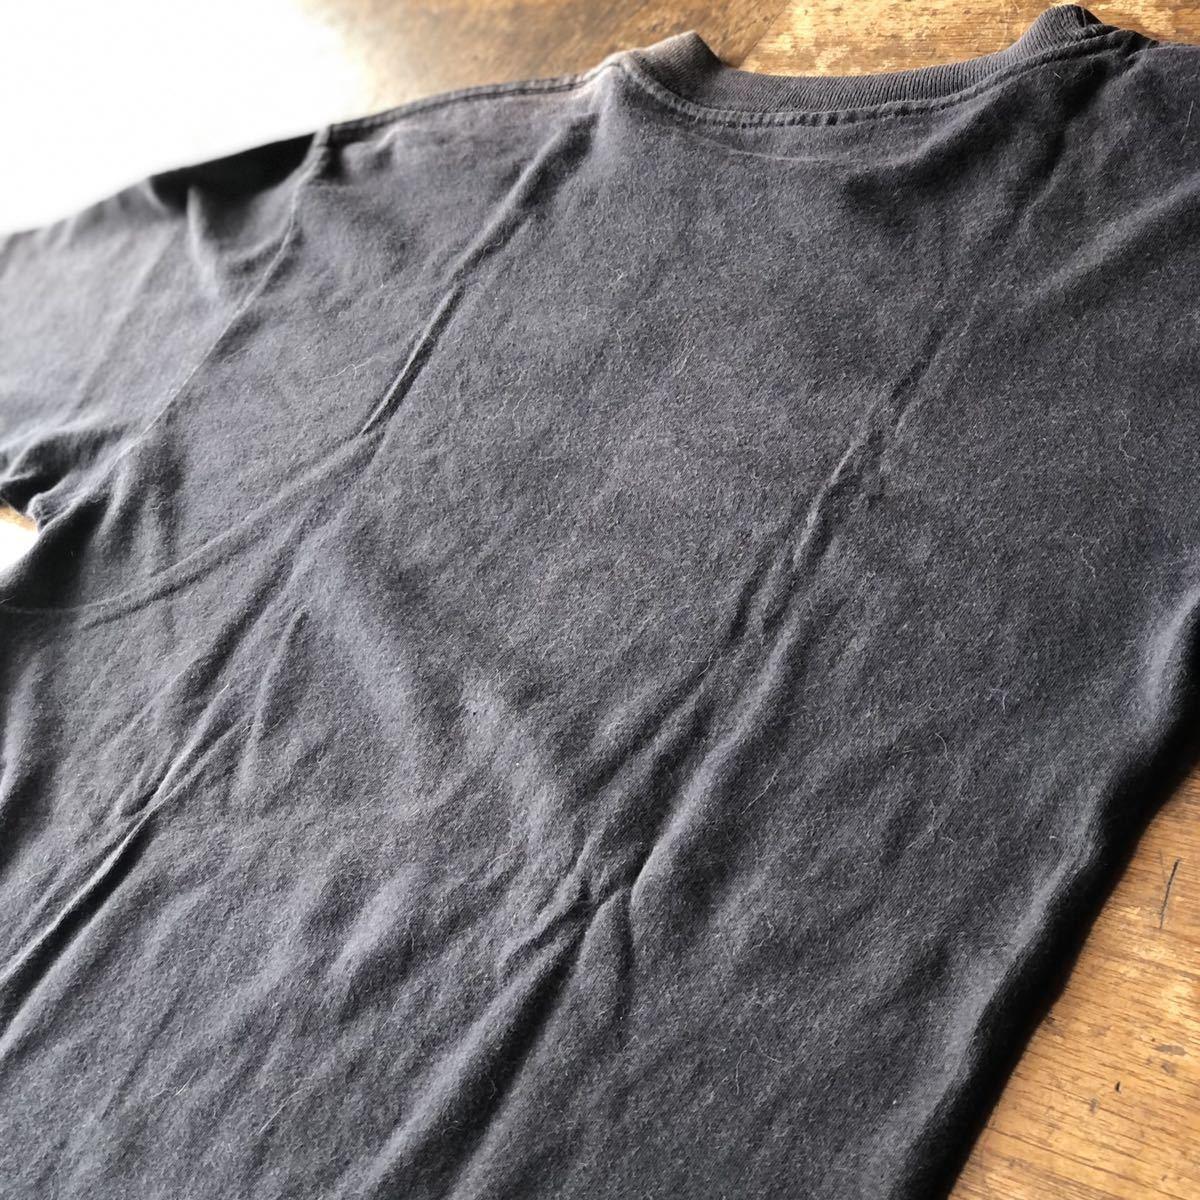 90s USA製 ビンテージ ブルース・リー Tシャツ / stussy ステューシー 黒タグ 初期 supreme リバース チャンピオン 70s 80s 90s 映画T _画像6